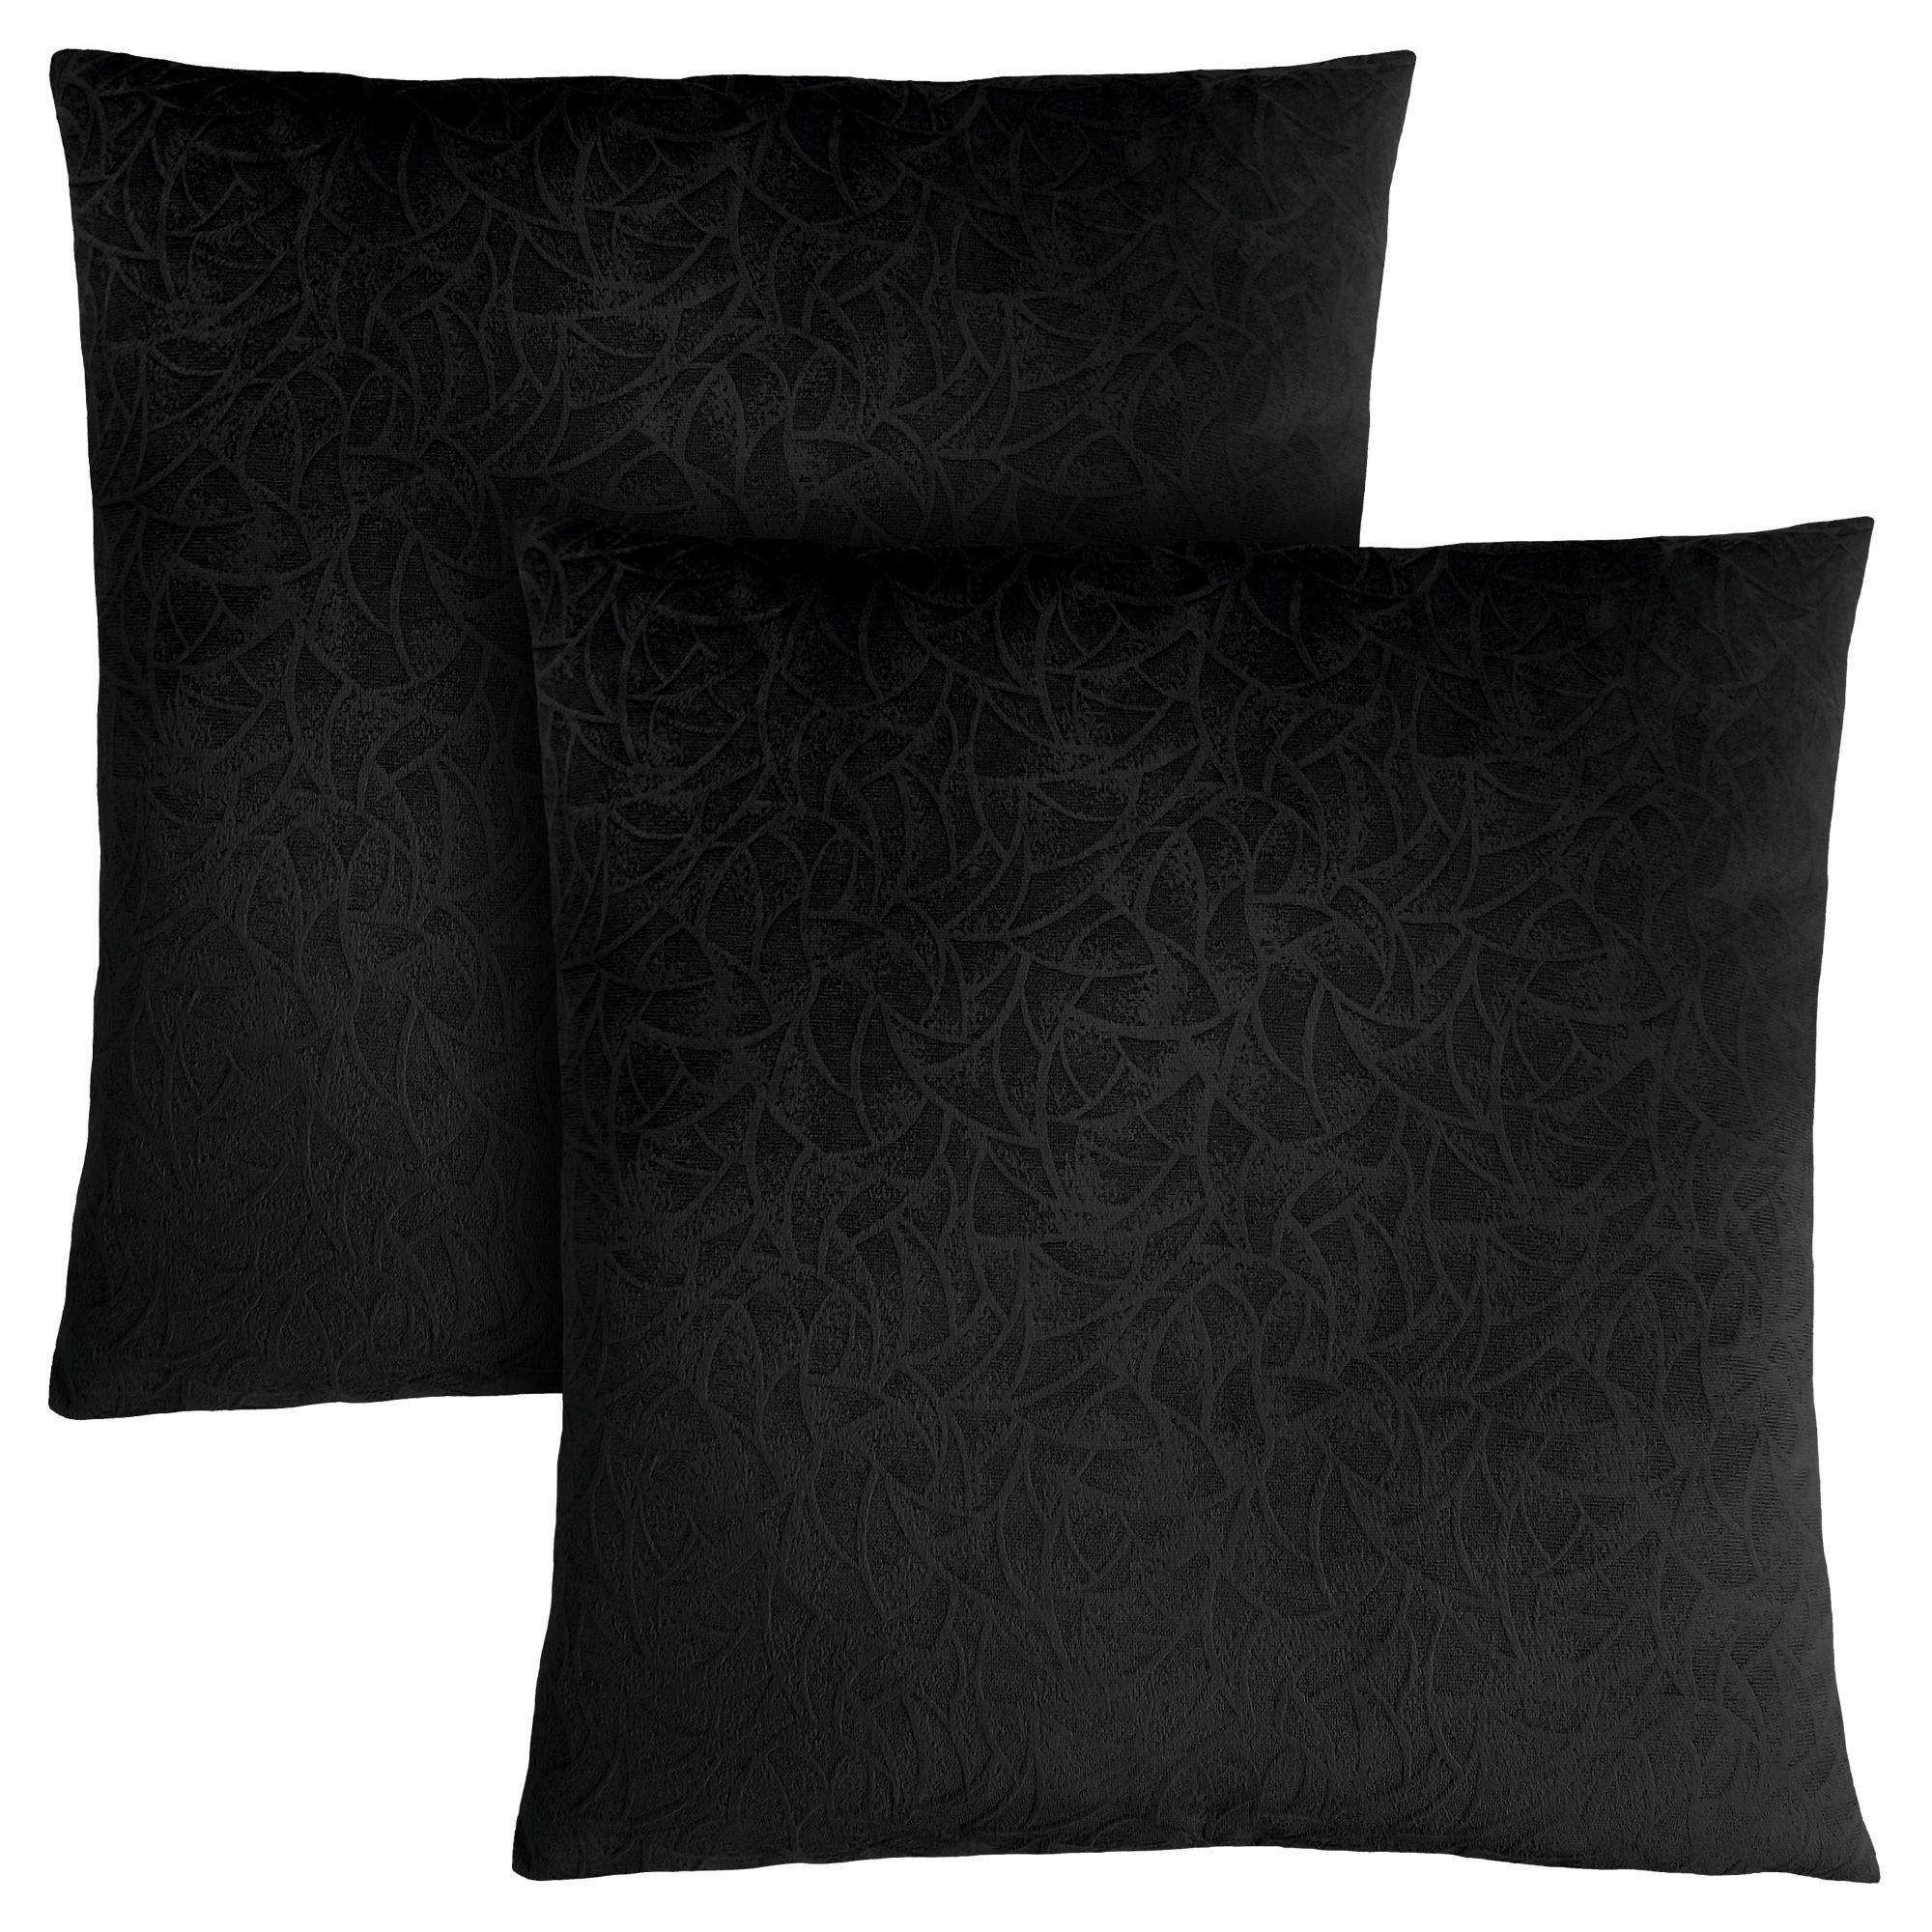 pillow 18 x 18 black floral velvet 2pcs victoria rose decor